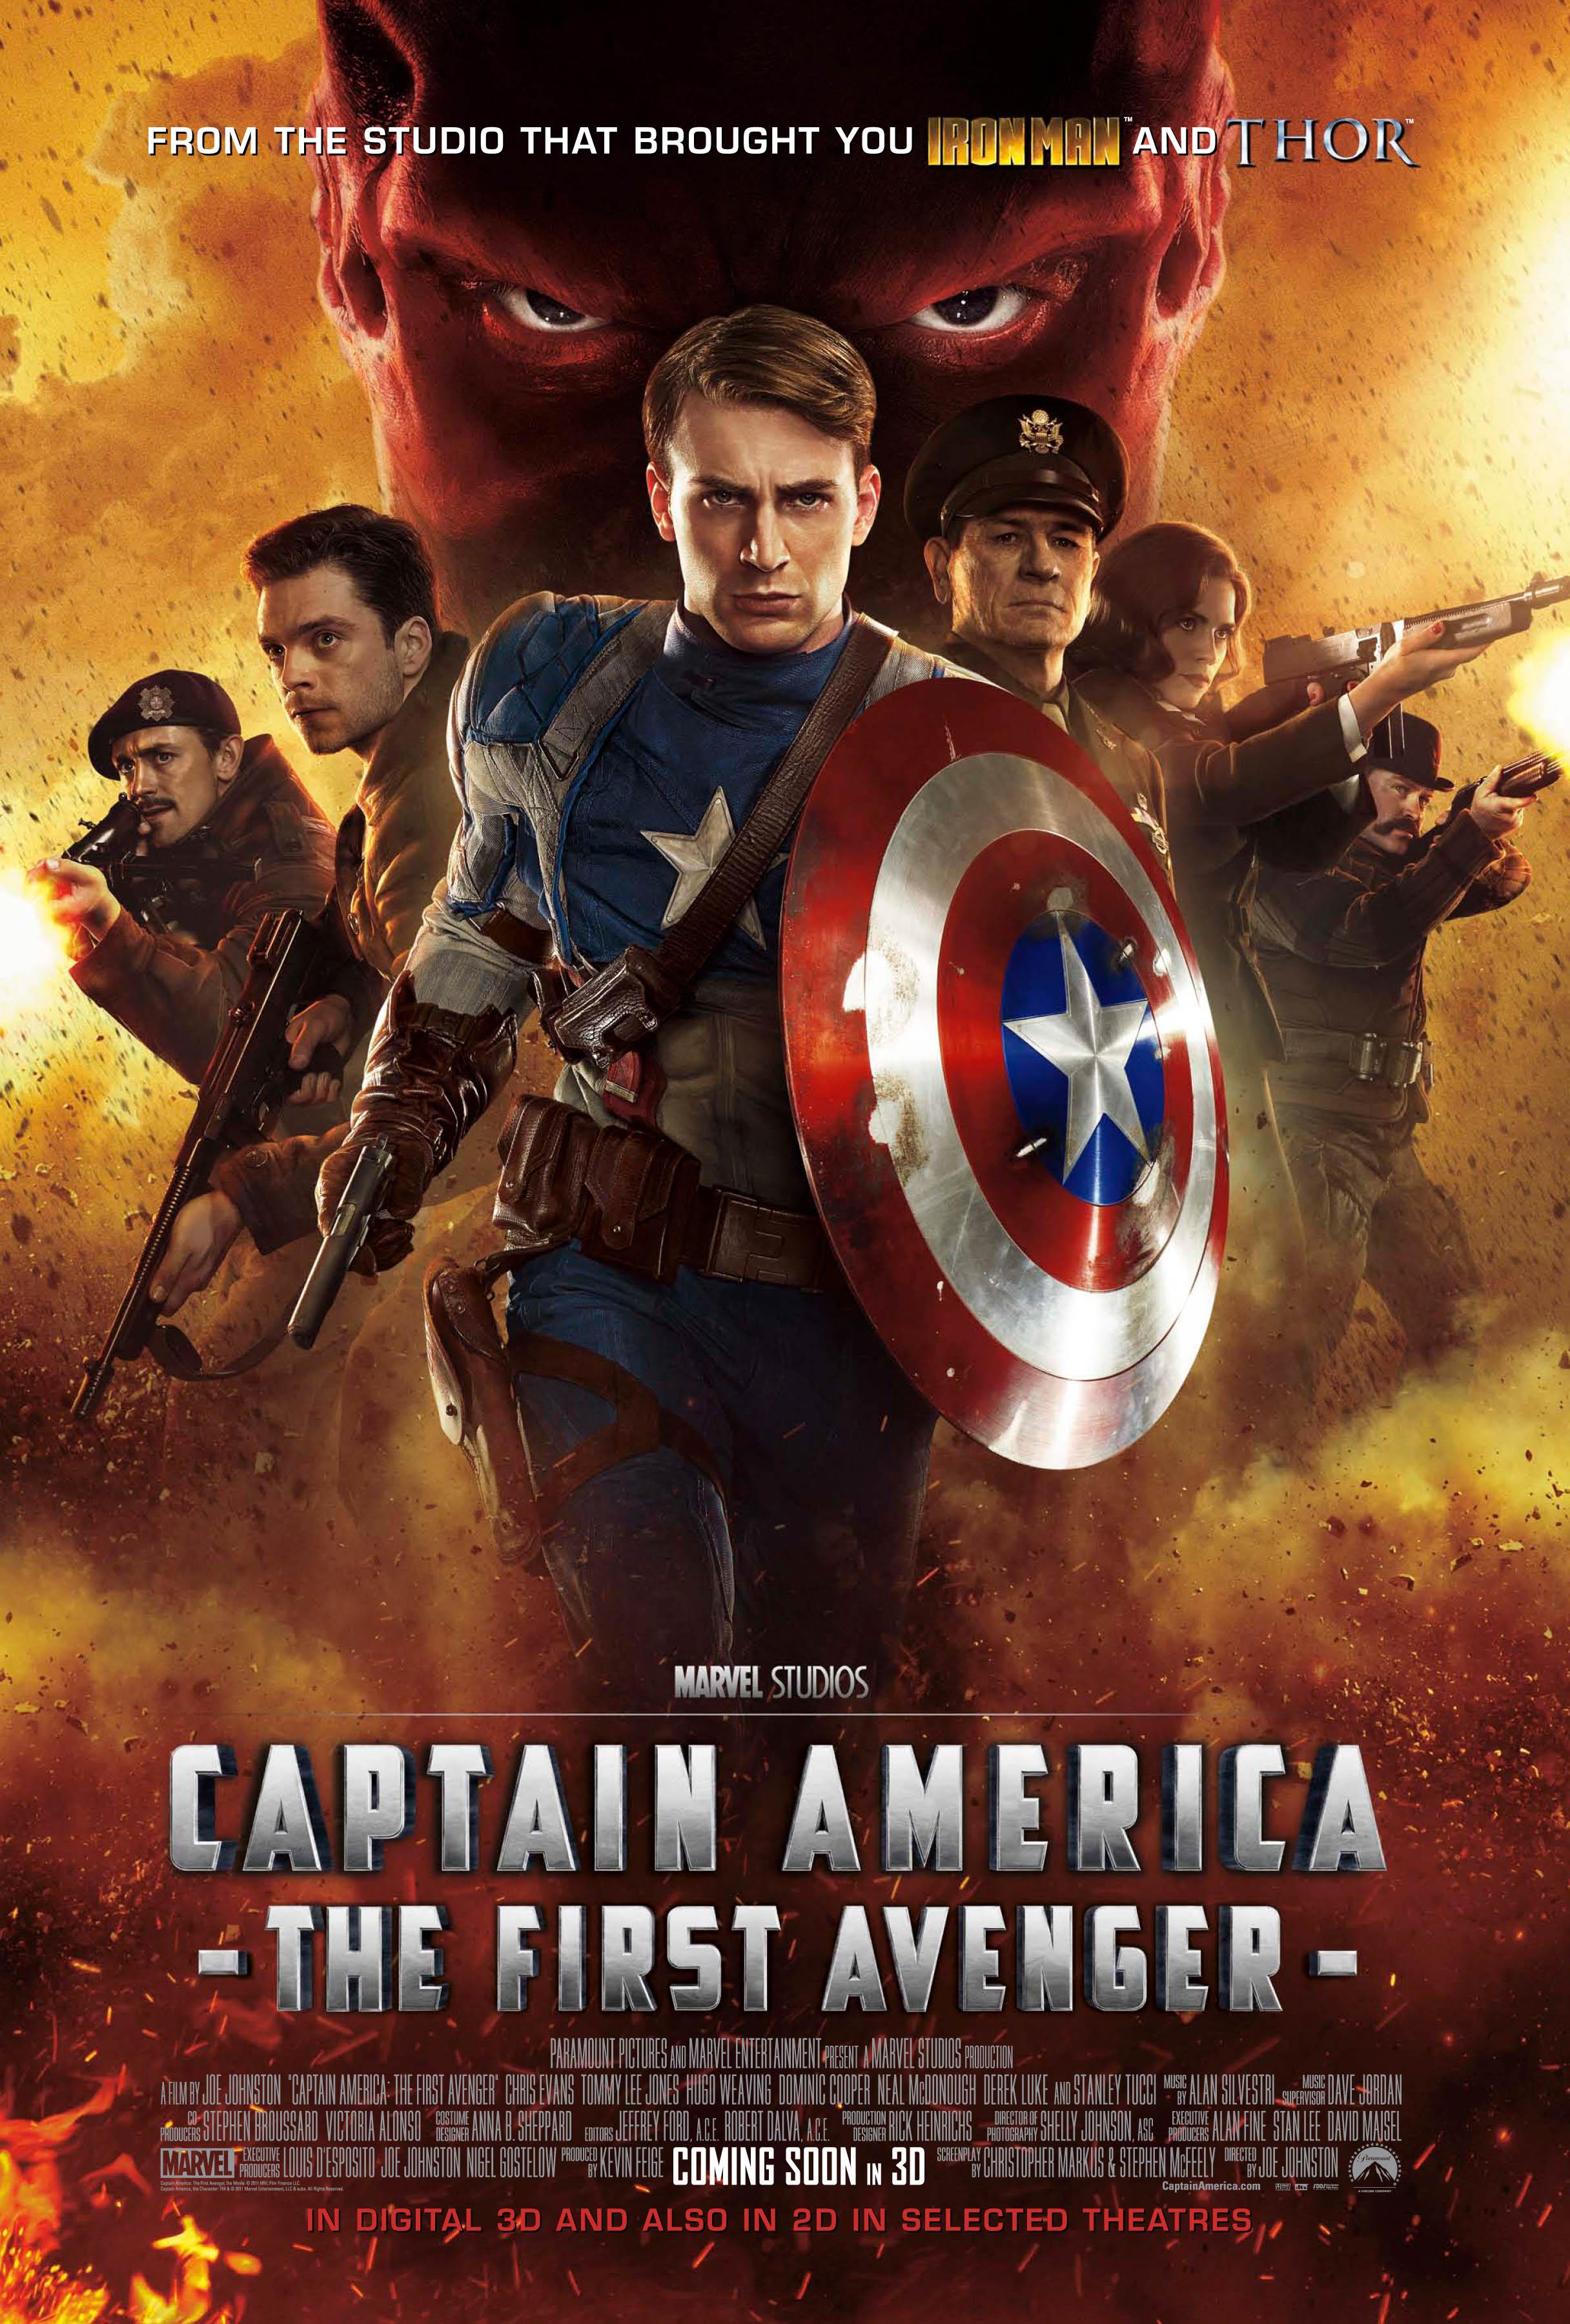 New Clip from Captain America: The First Avenger - HeyUGuys